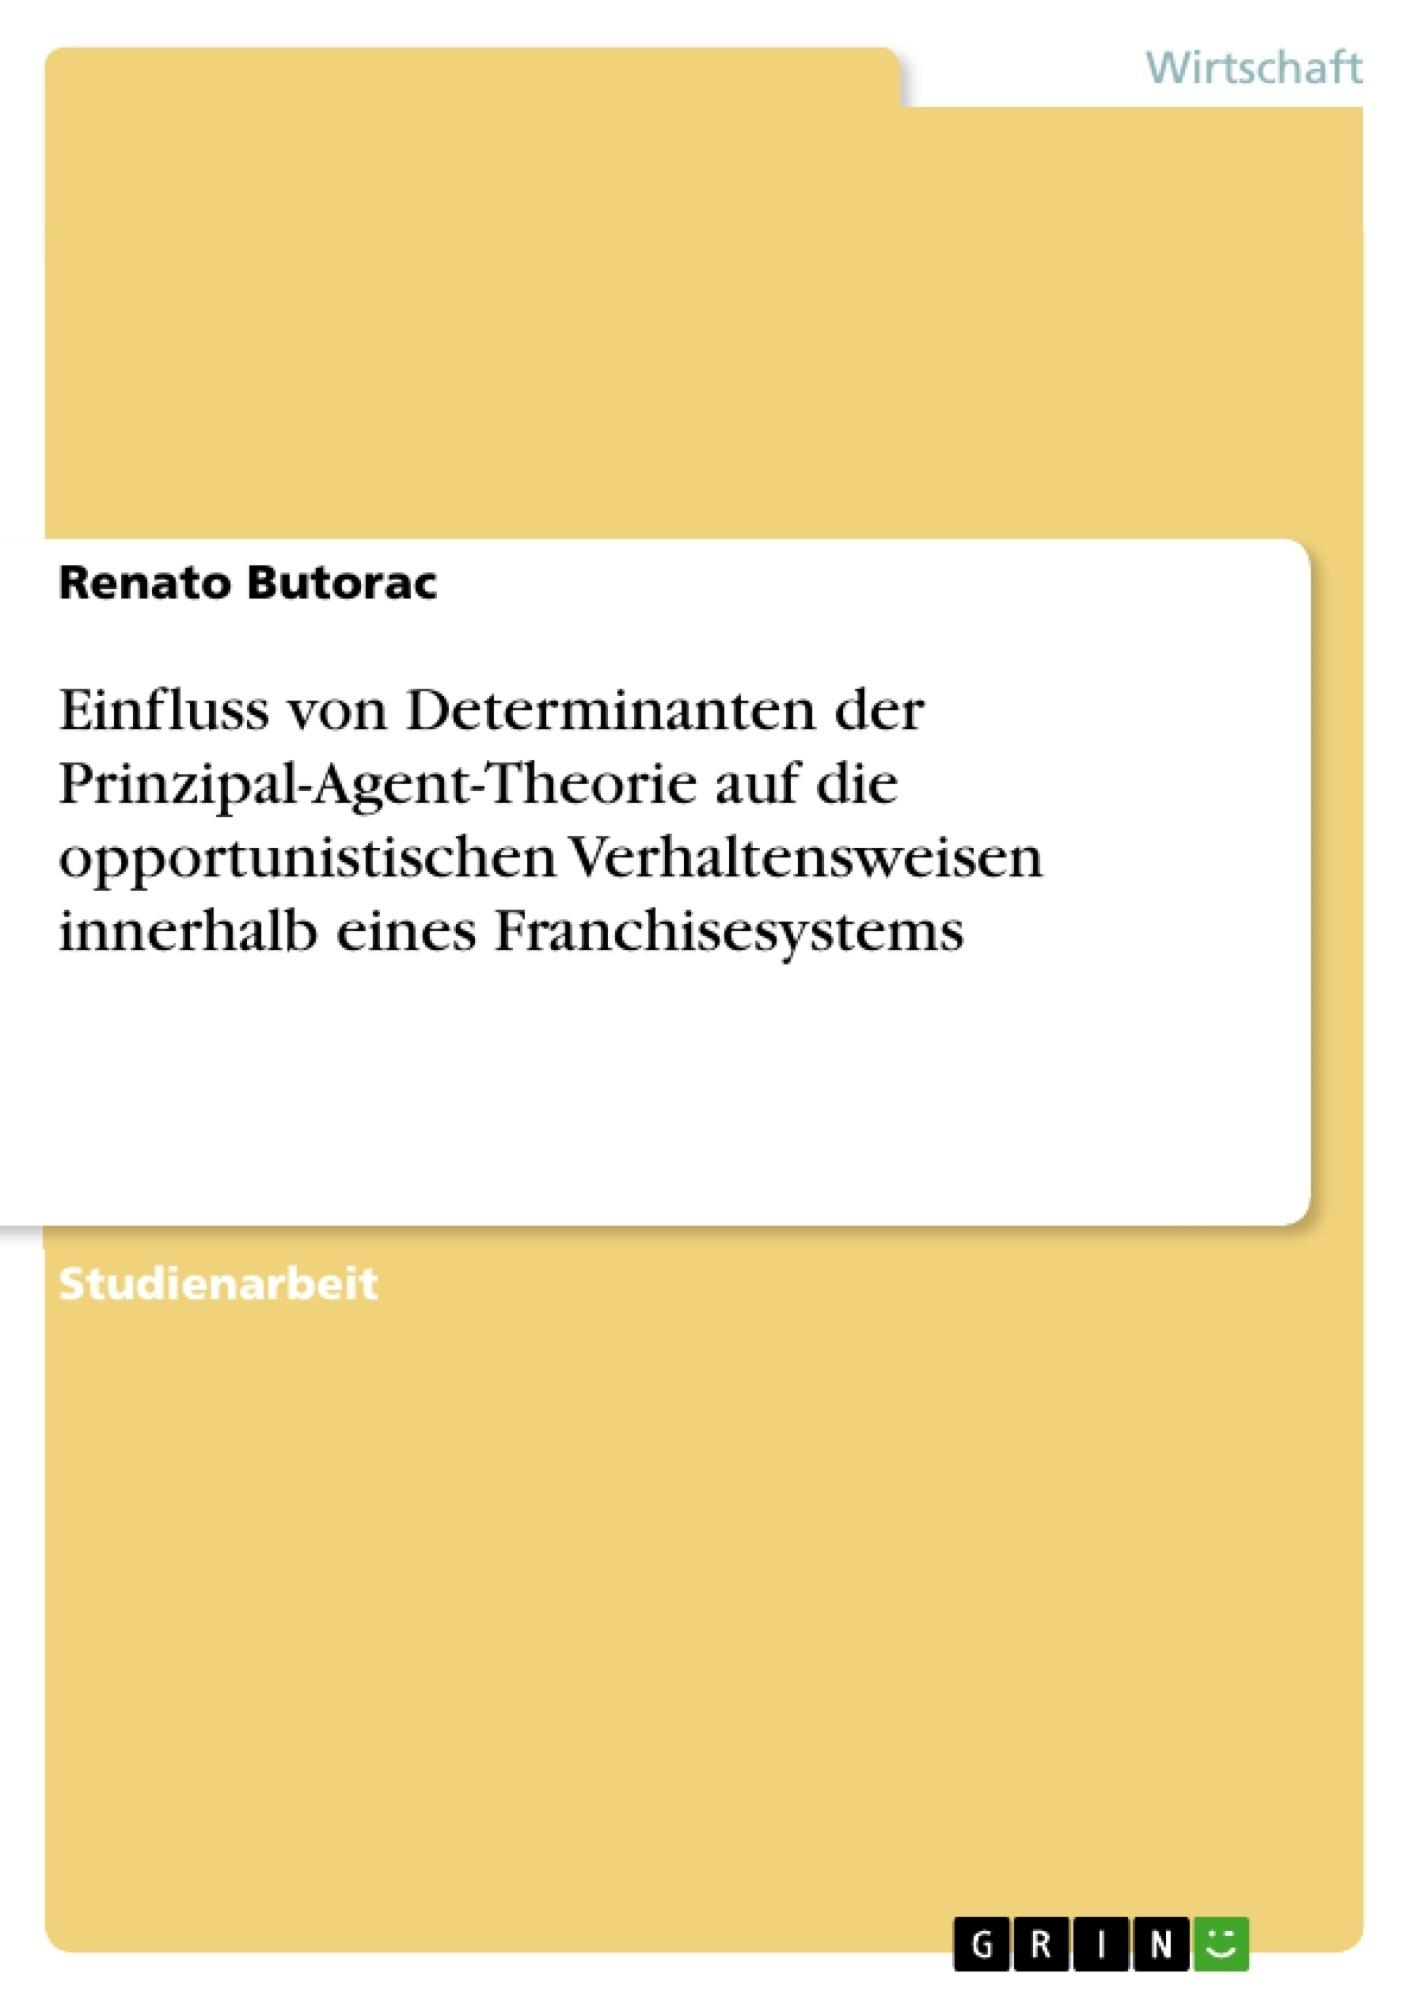 Titel: Einfluss von Determinanten der Prinzipal-Agent-Theorie auf die opportunistischen Verhaltensweisen innerhalb eines Franchisesystems